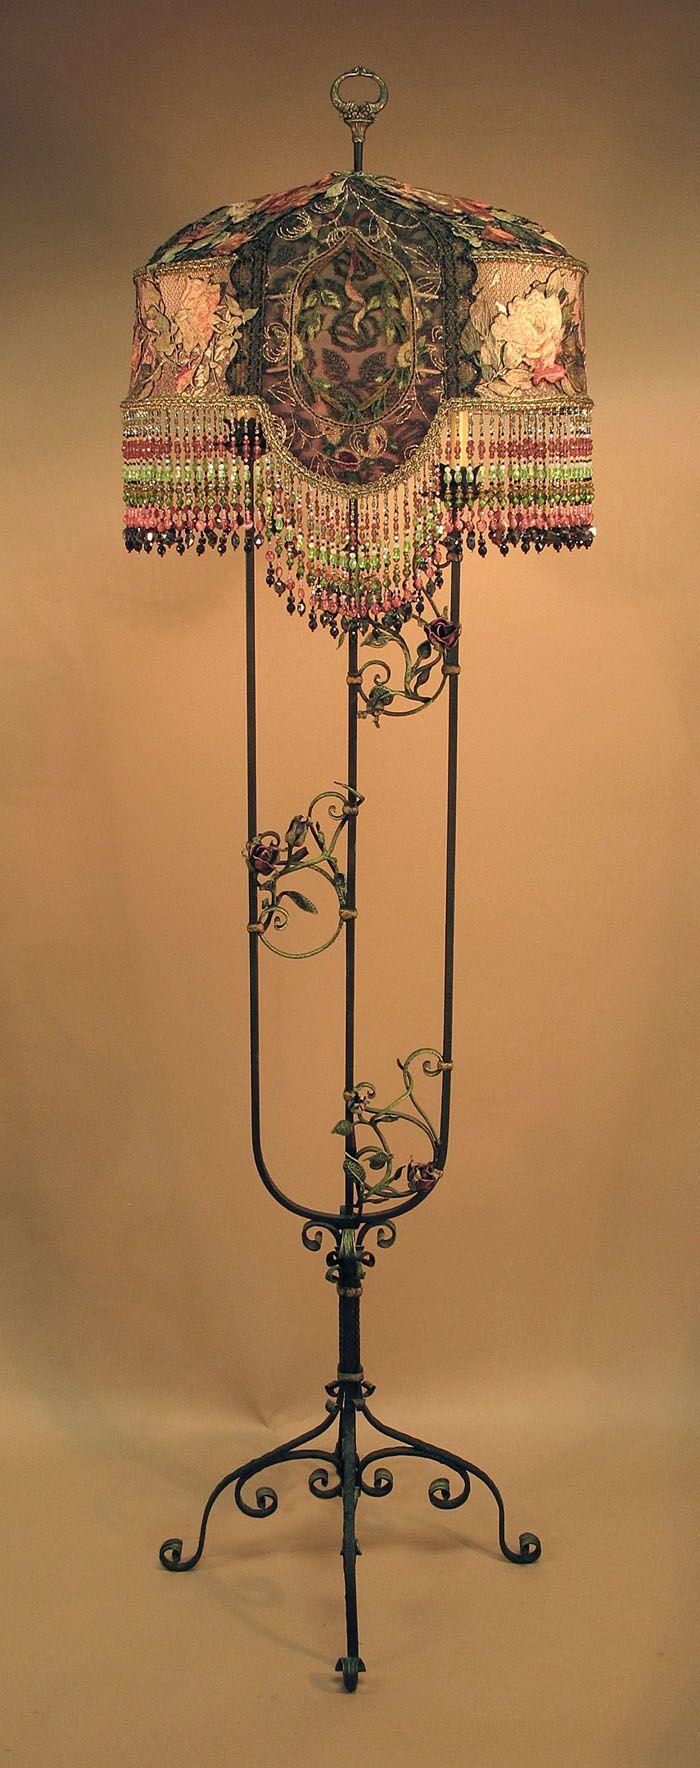 Floor lamp - Awesome   Pinterest - Lampen, Verlichting en Victorian